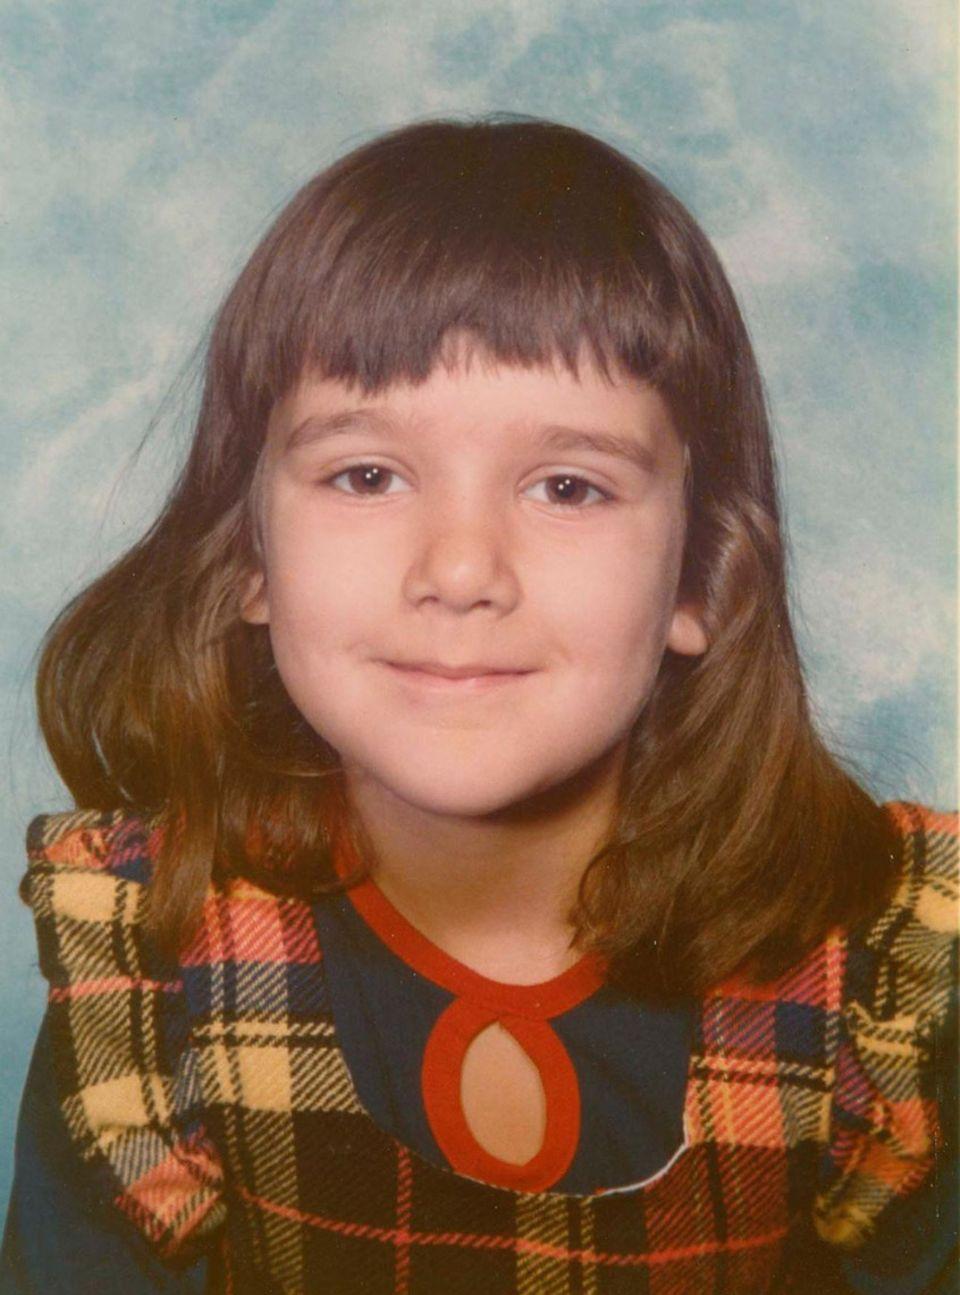 Céline Dion  Ob sich dieses kleine Mädchen damals bereits vorstellen konnte, dass aus ihr einmal einer der größten Popstars unserer Zeit werden wird? Zumindest lächelt die kleine Céline Dion schon ziemlich siegessicher in die Kamera. Ein musikalisches Talent bringt sie schon früh mit, ihreStilsicherheit entwickelt sichhingegenwohl erst später. Obwohl, vielleicht war die Sängerin mit dem DIY-Fransenpony auch damals ihrer Zeit einfach einen modischen Schritt bzw. Schnitt voraus.